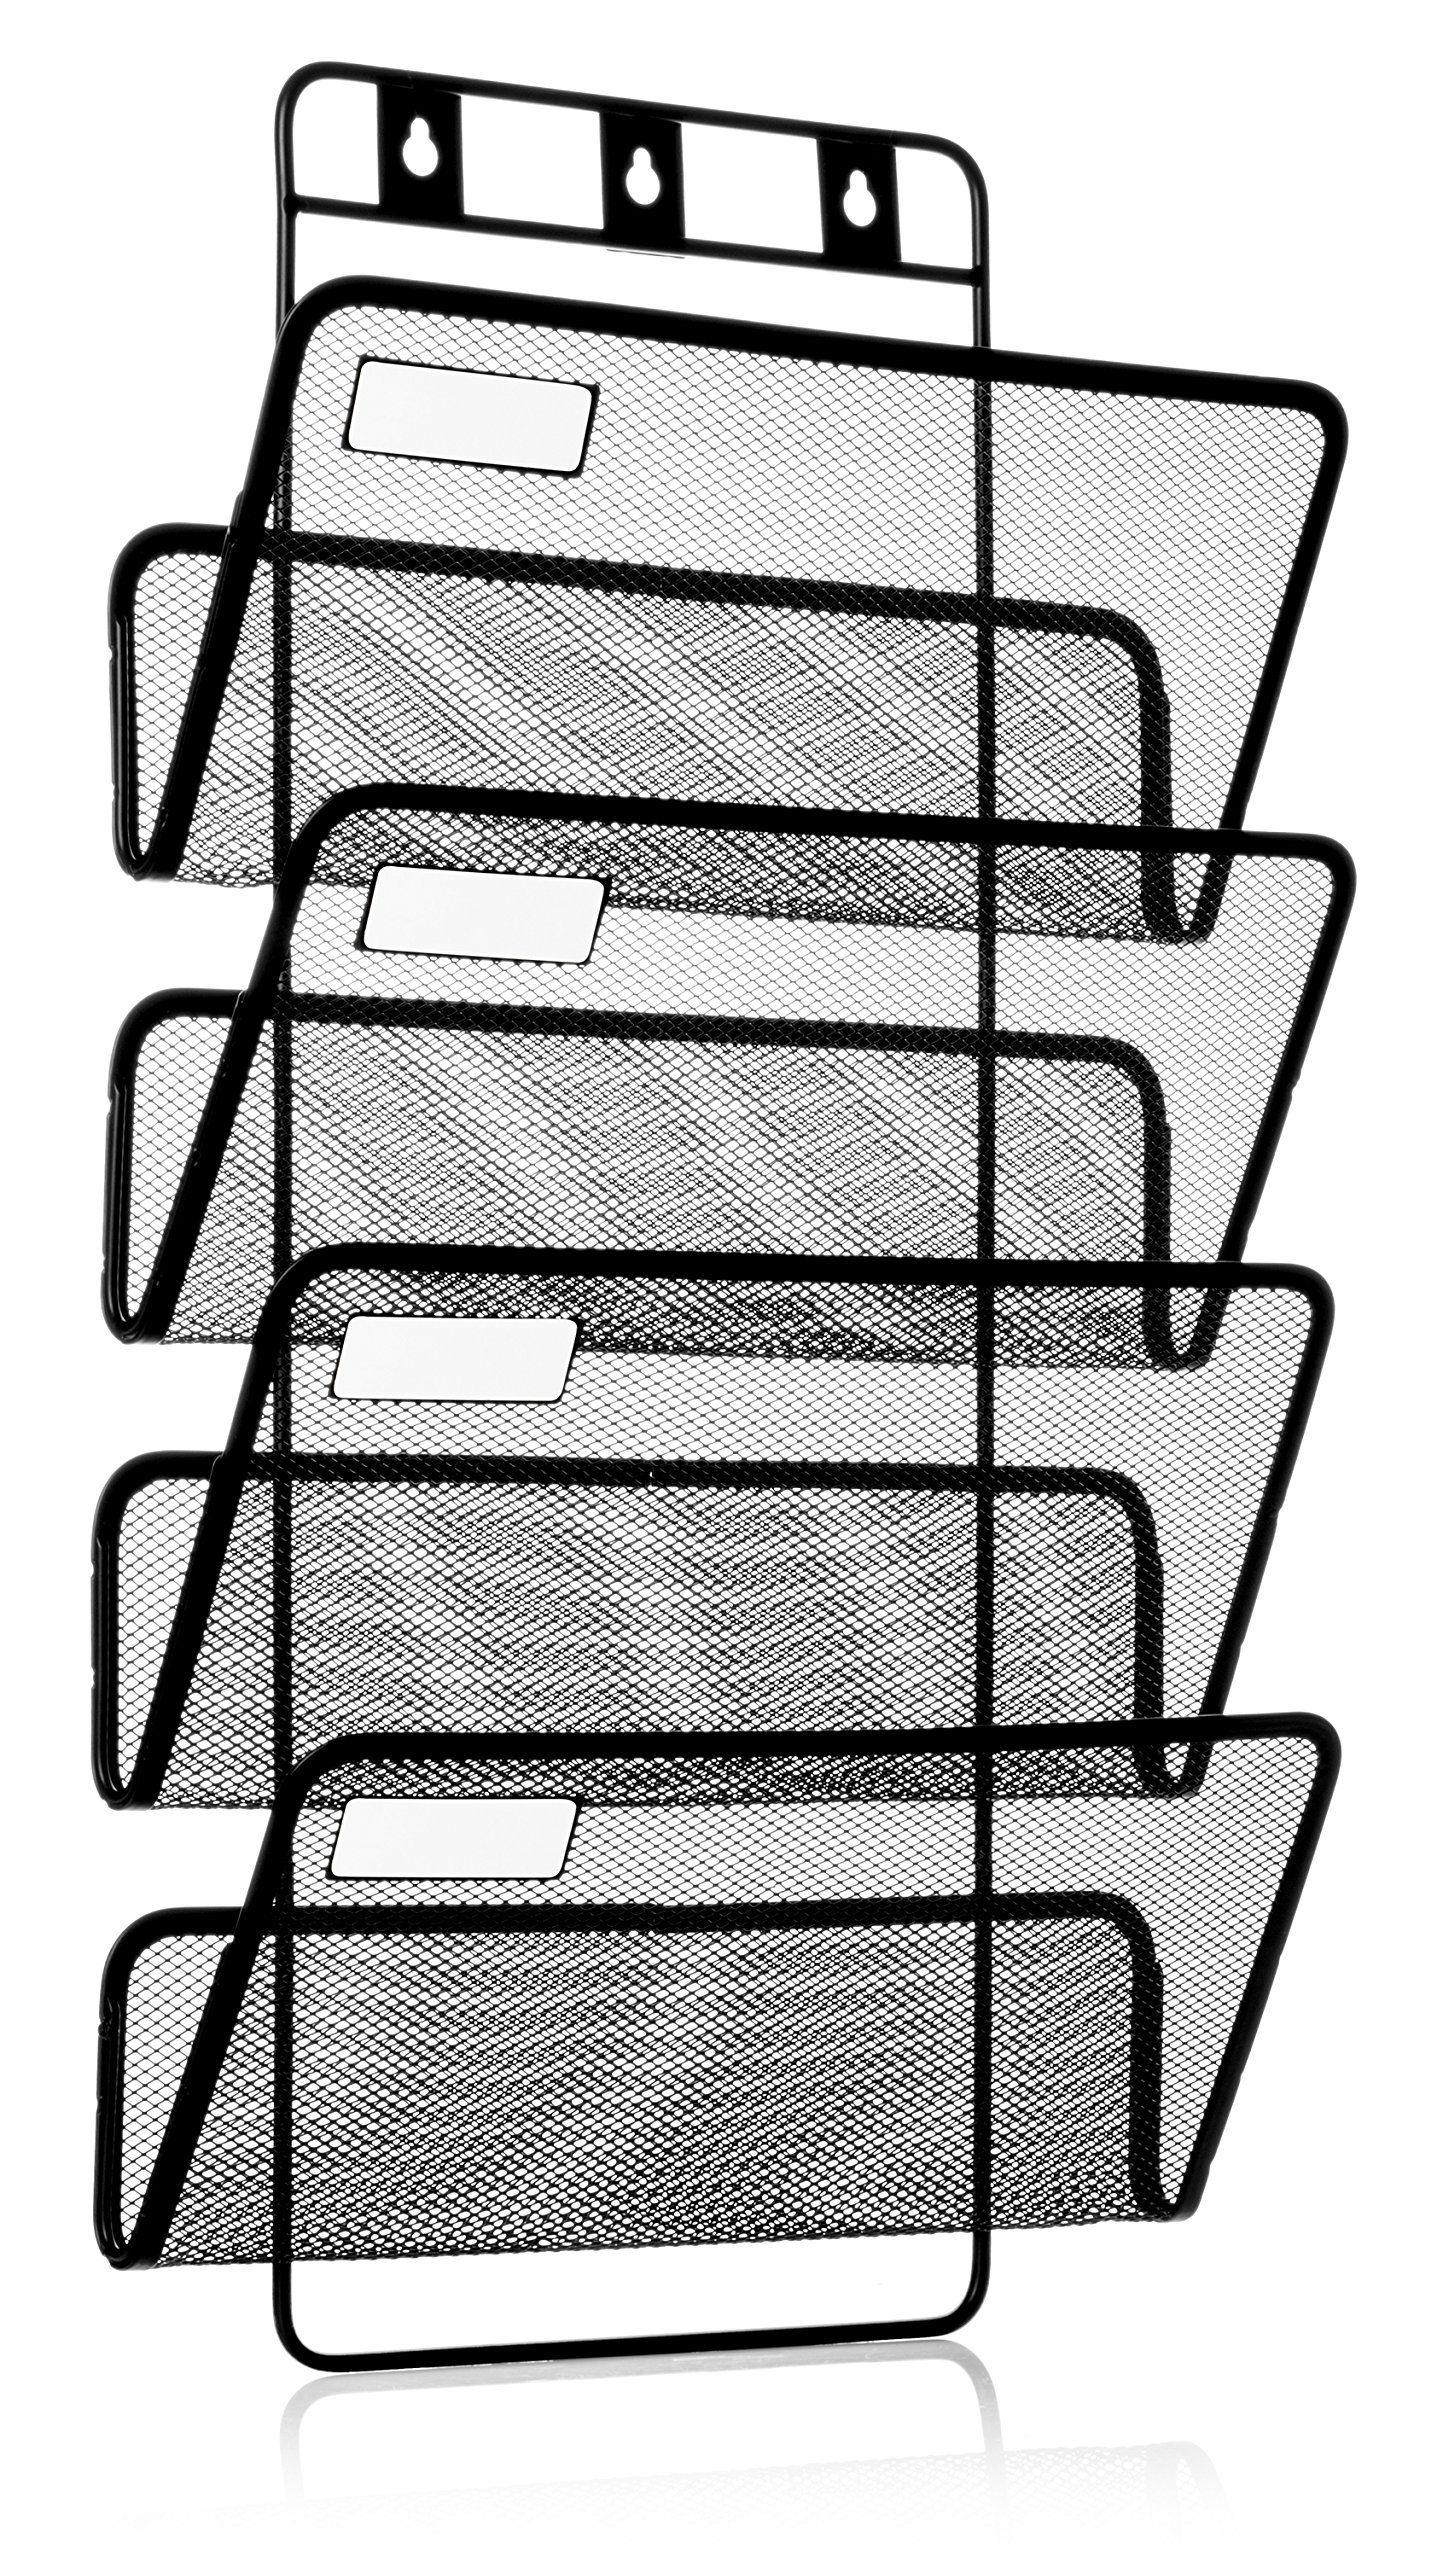 Hanging Wall File 4-pocket hanging wall file organizer, folder holder + mounting